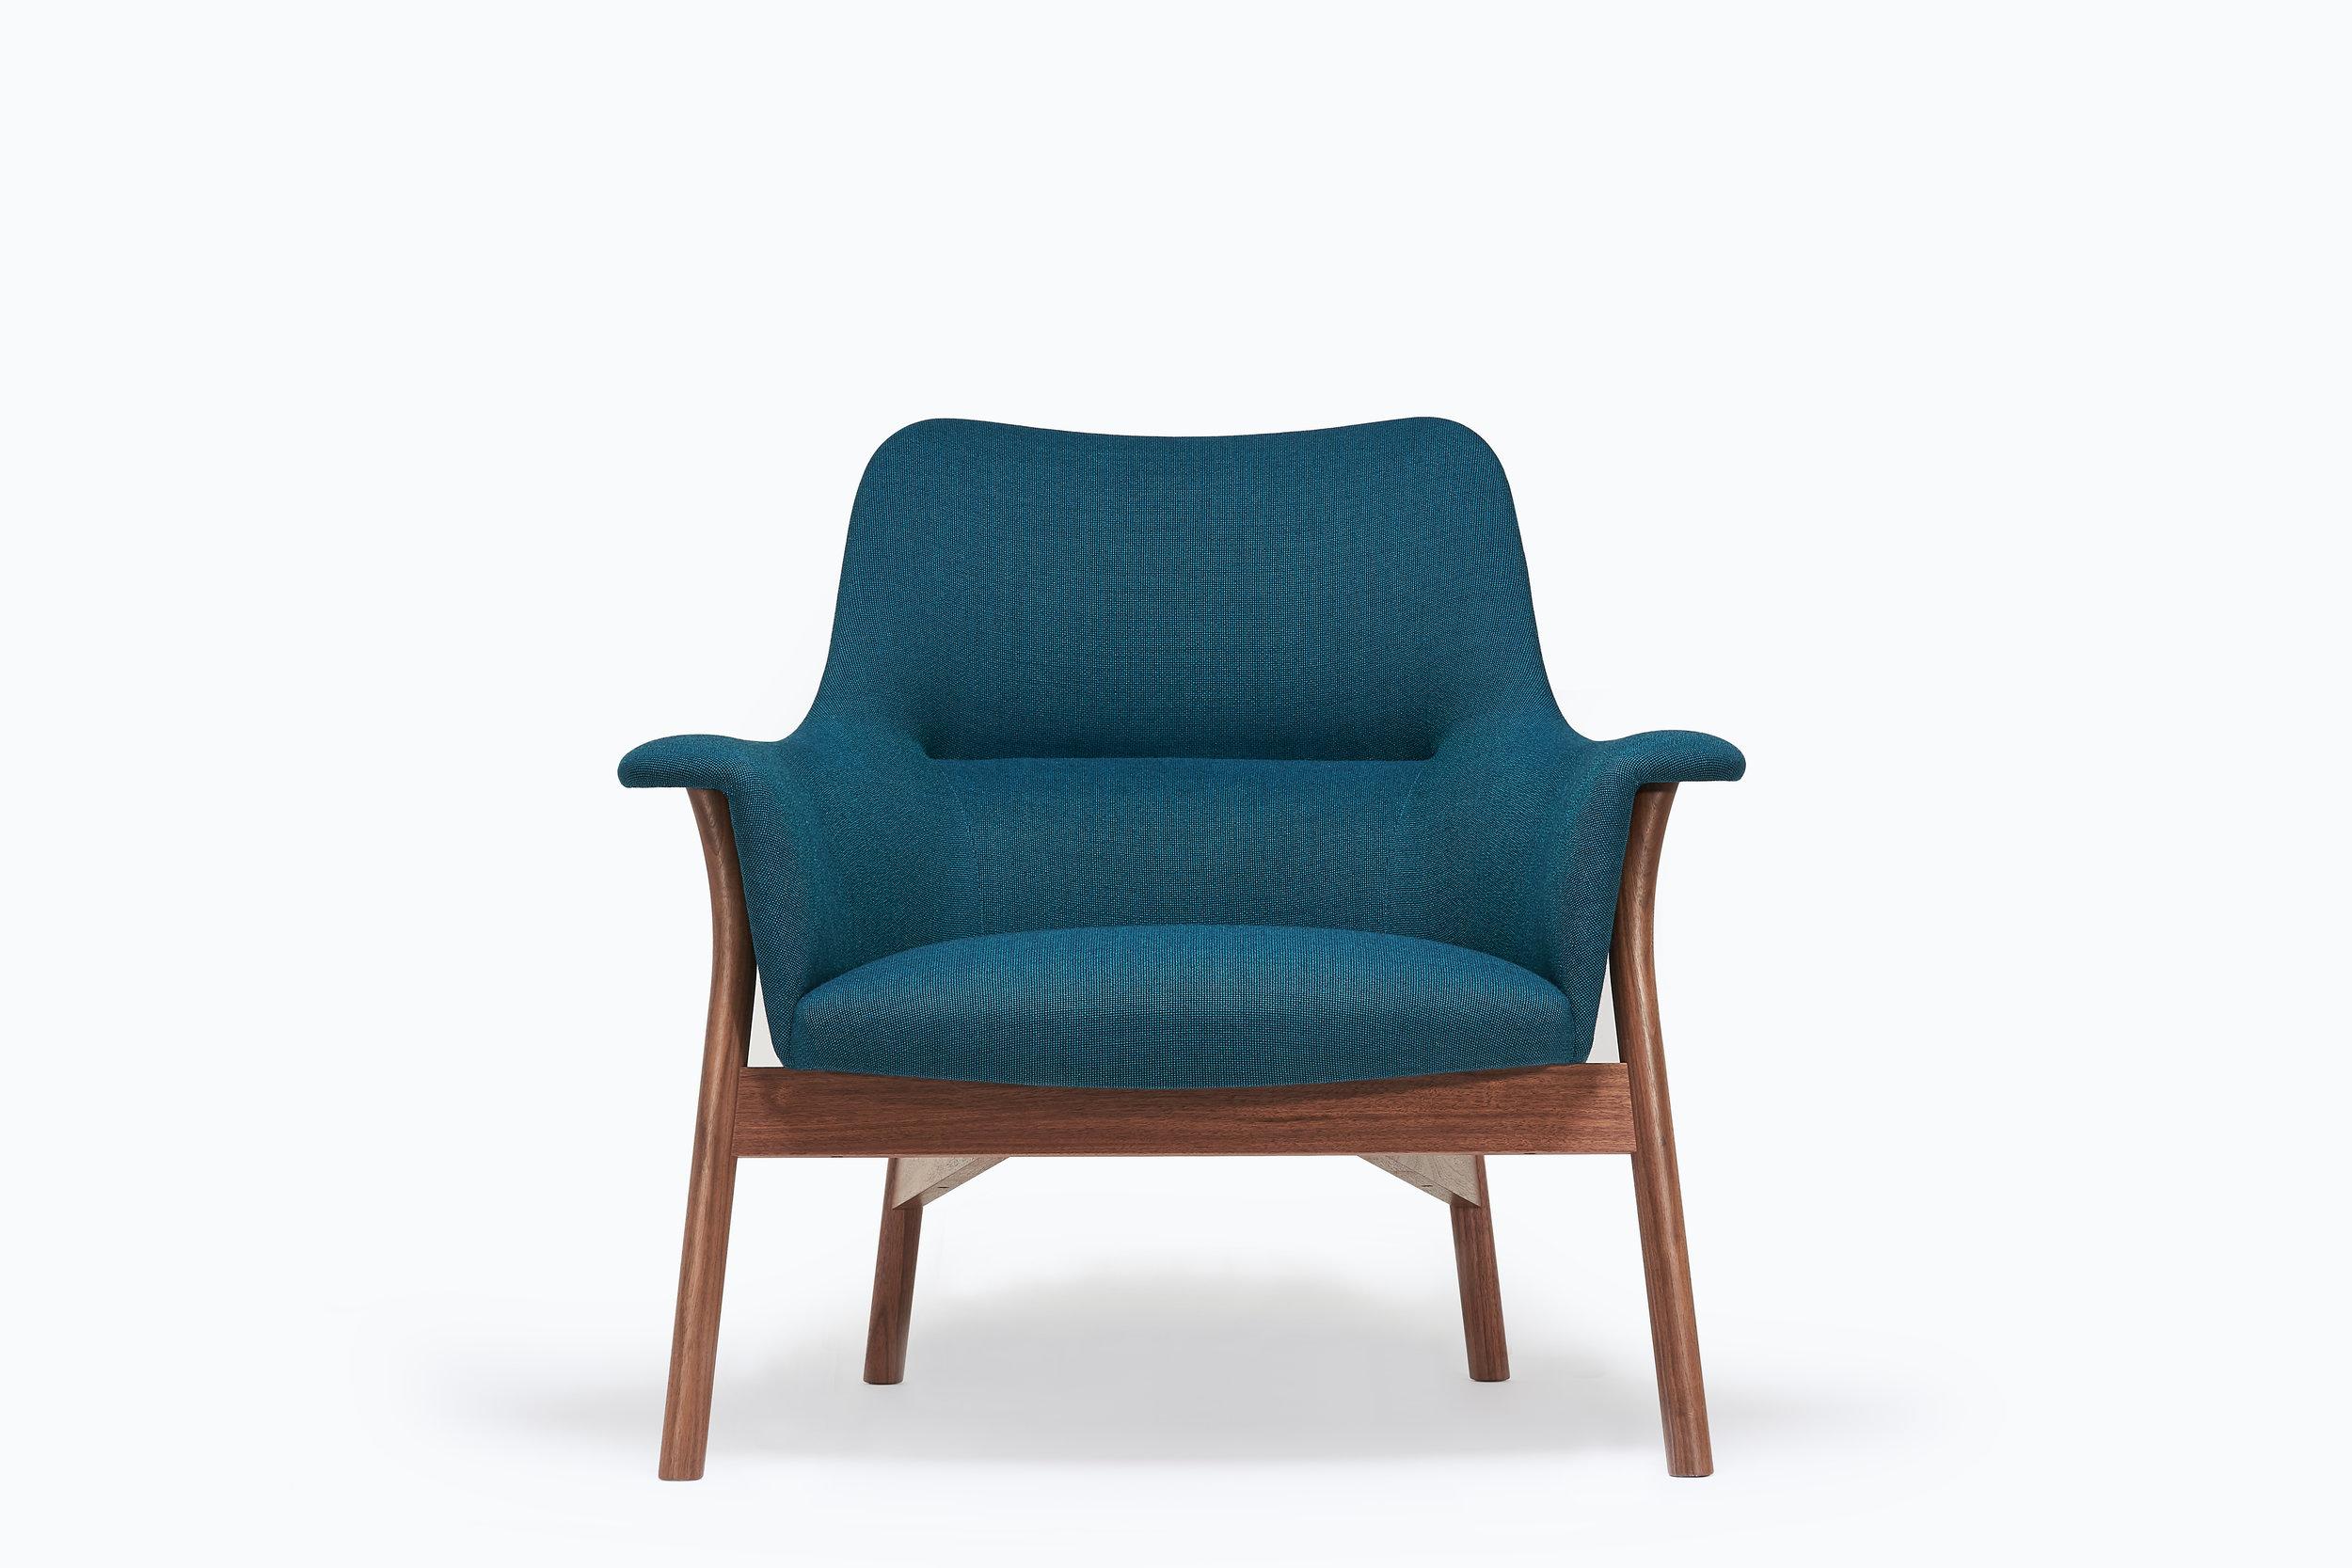 Walnut Oxbow Lounge Chair